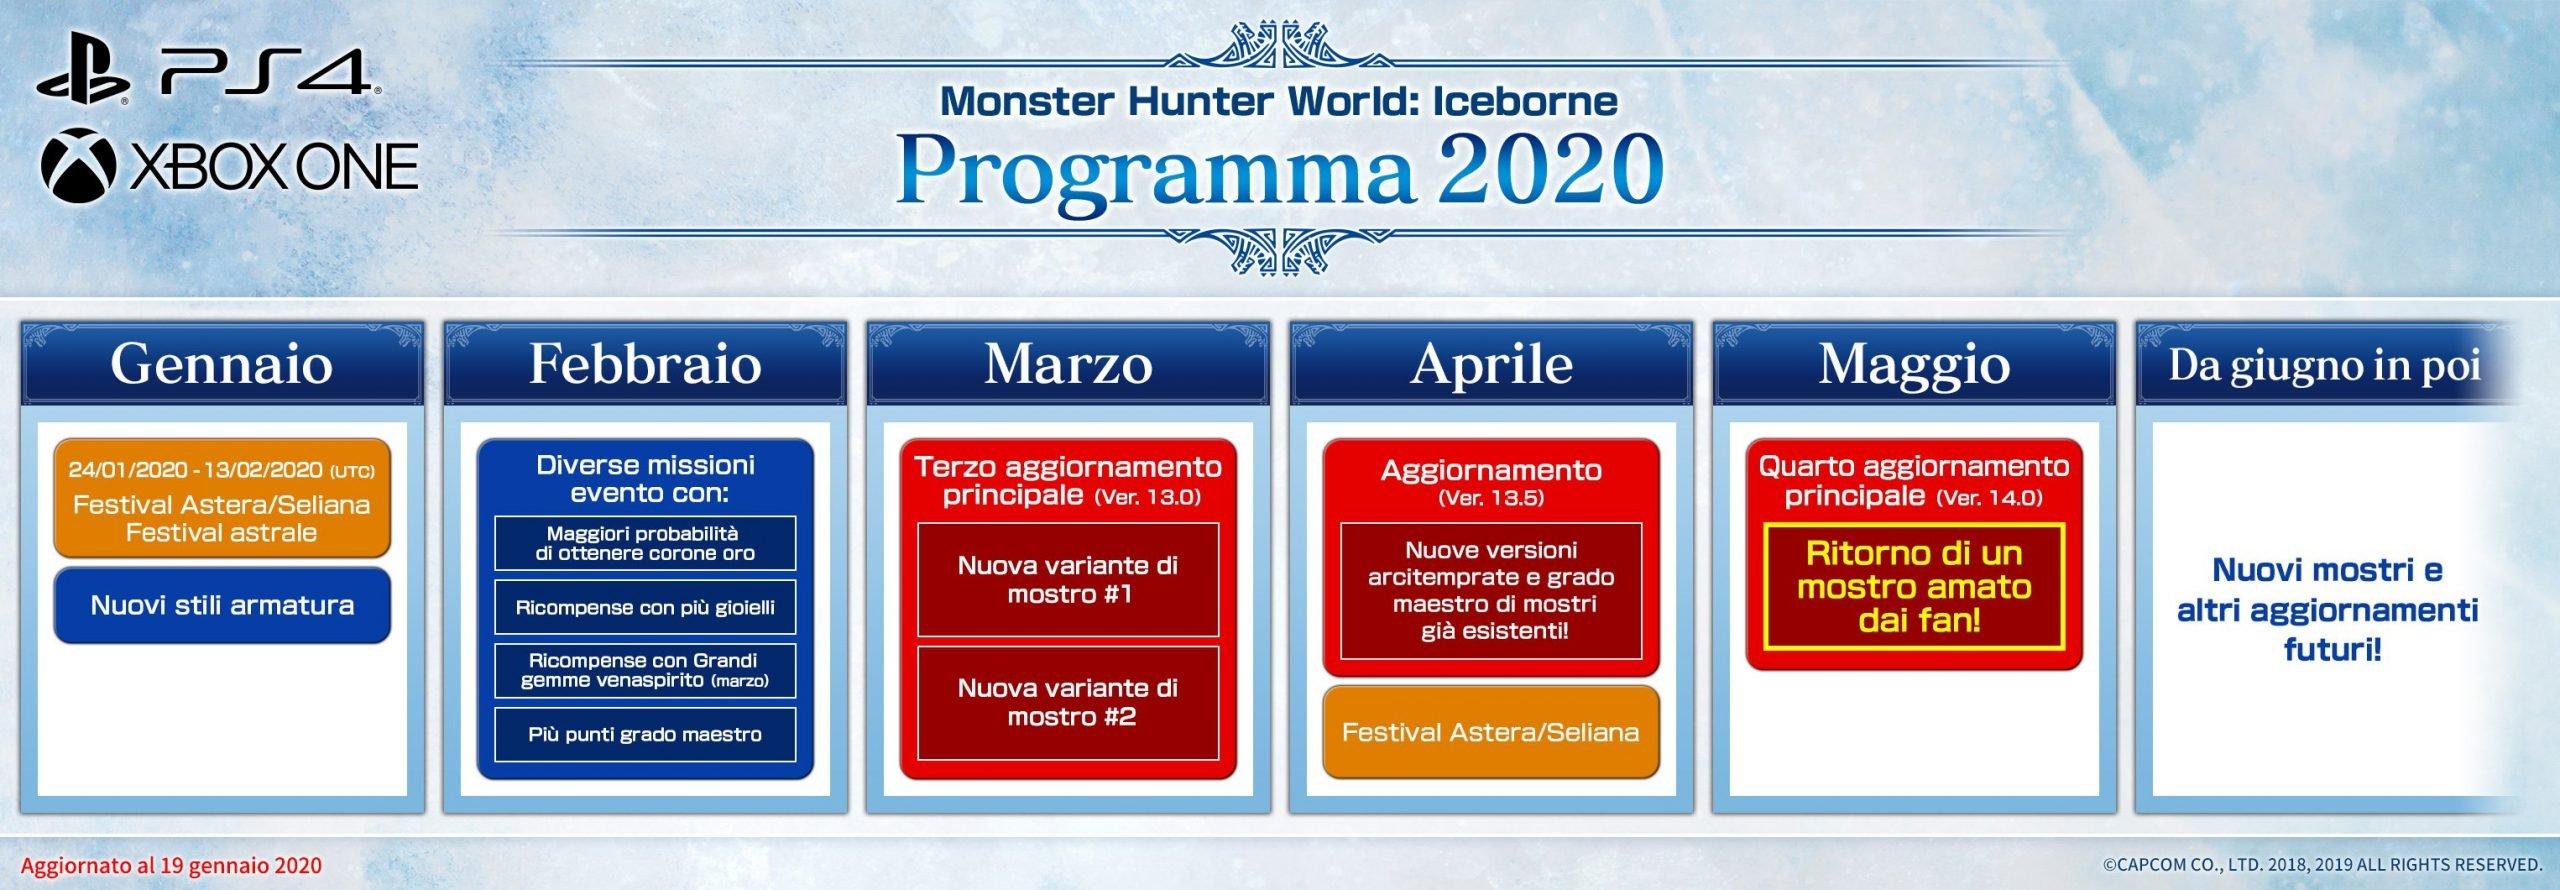 Monster Hunter World Iceborne roadmap Monster Hunter World: Iceborne Monster Hunter World Iceborne steam